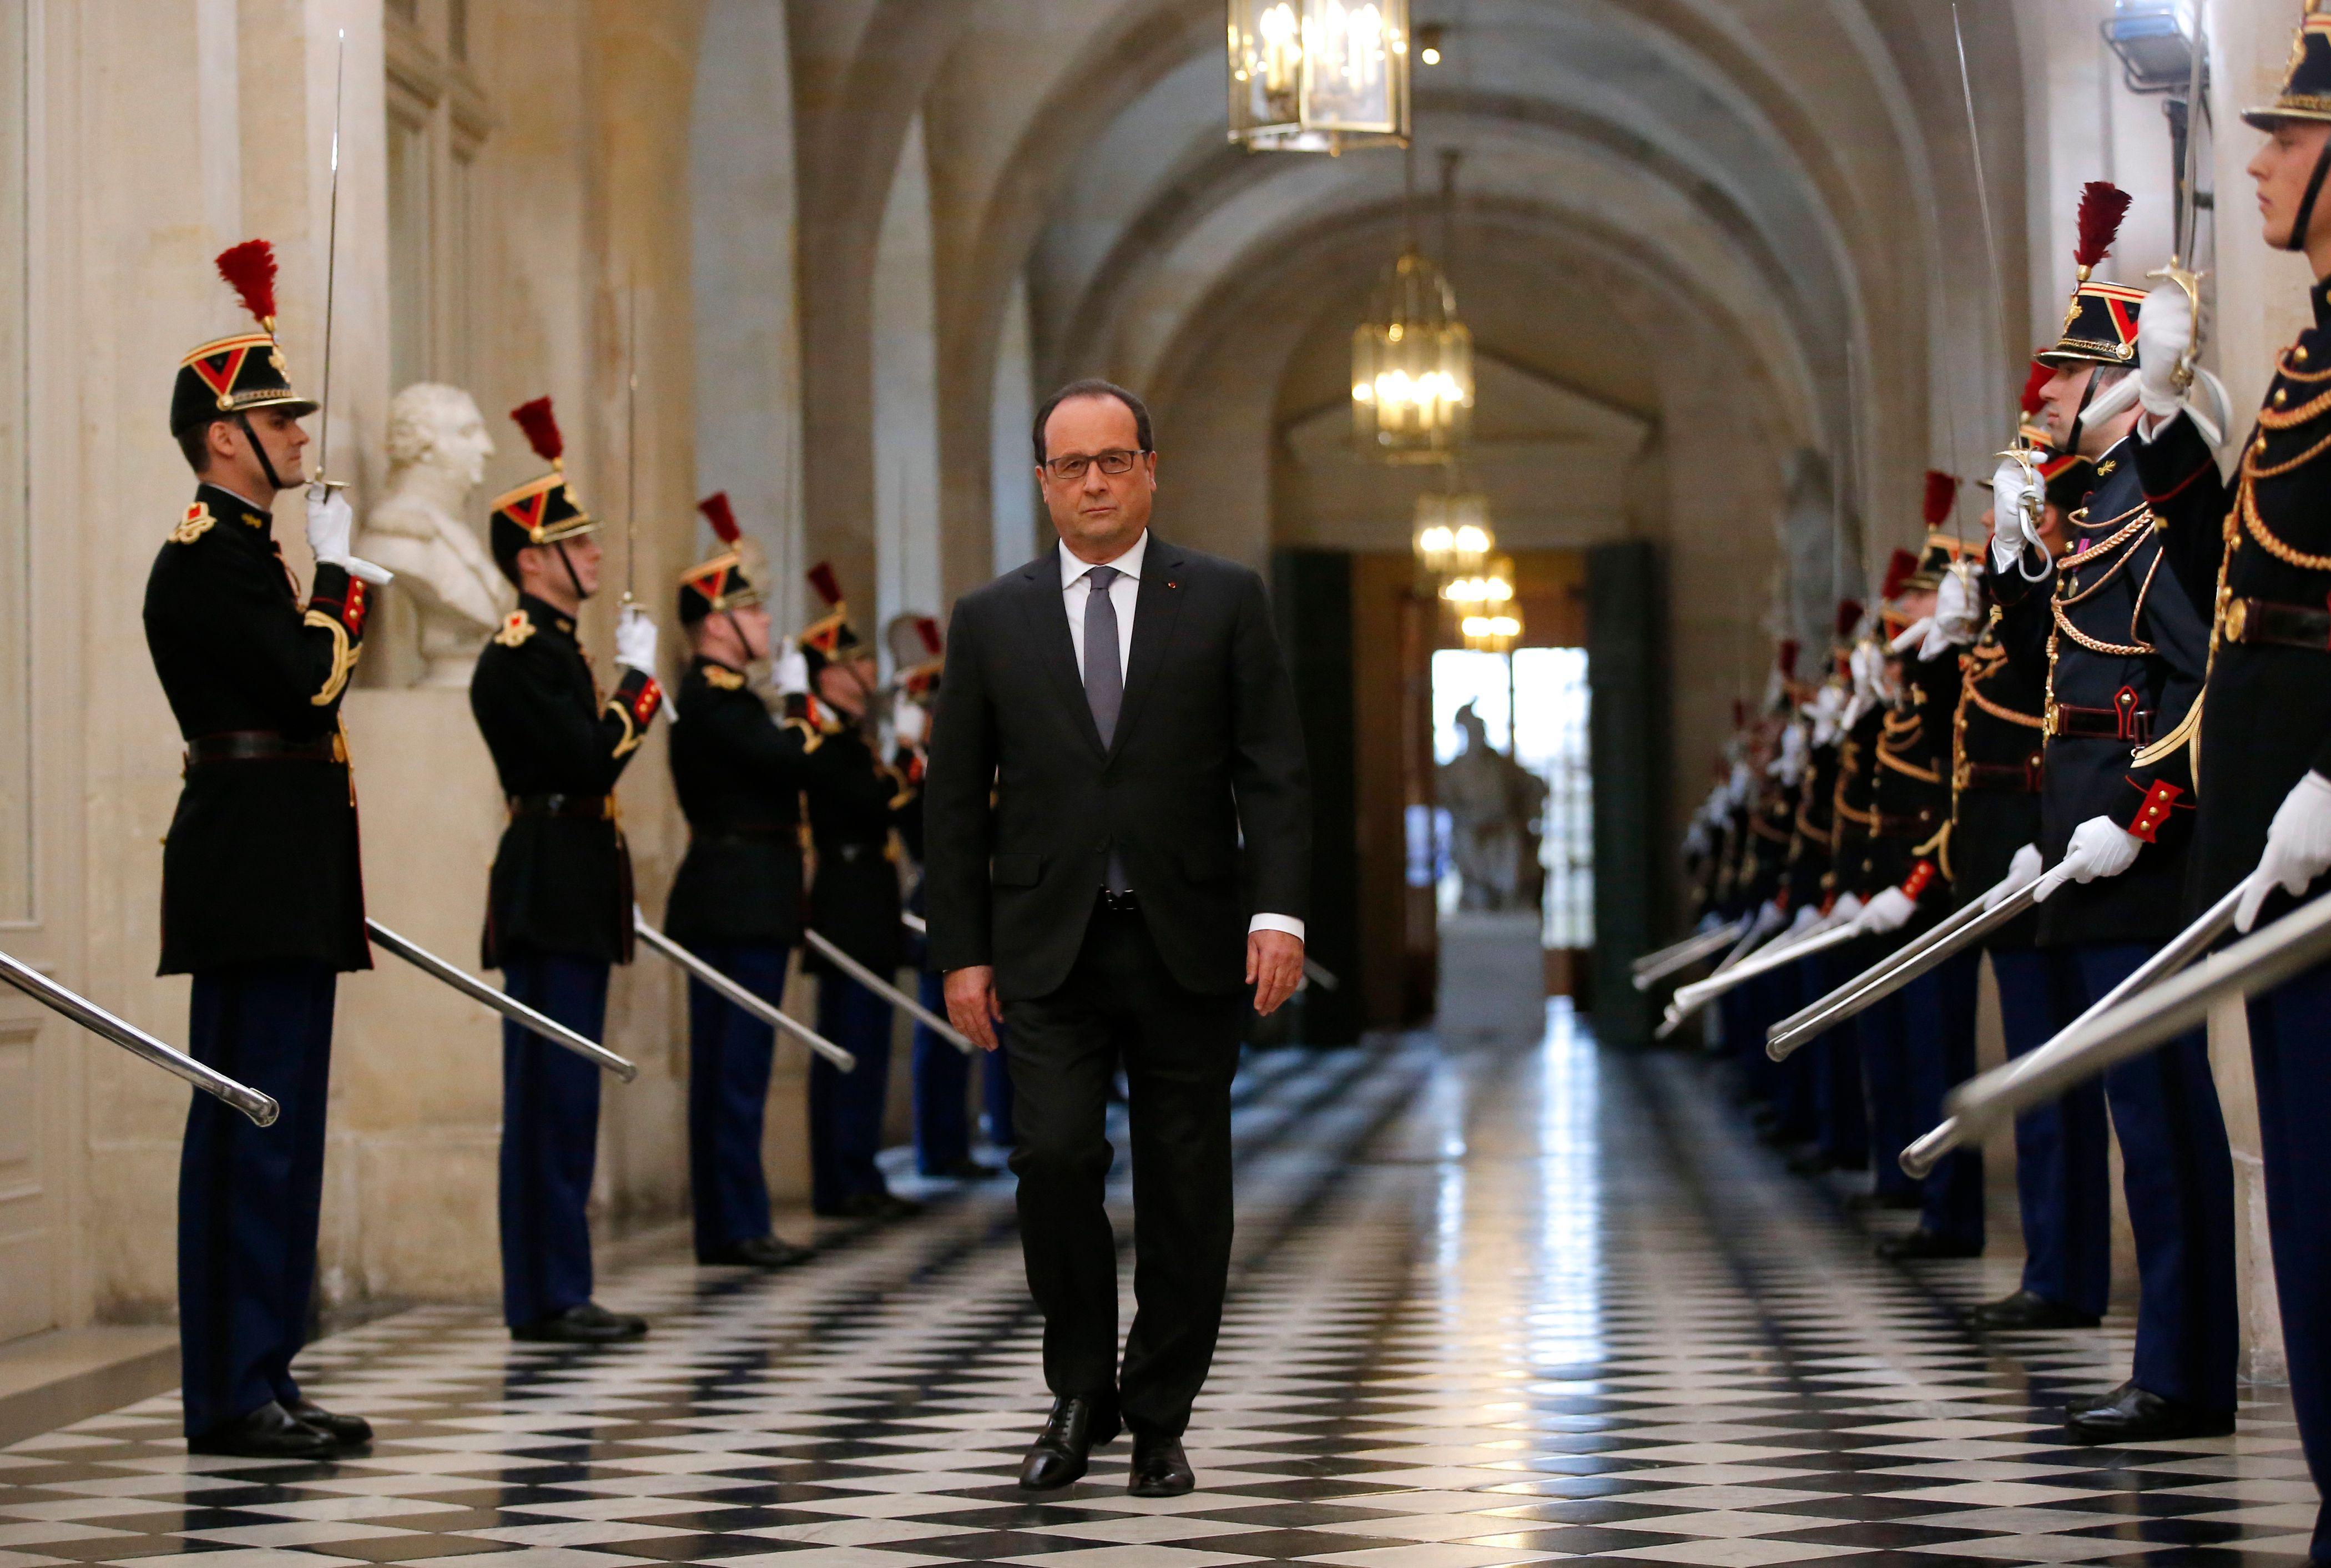 François Hollande a prononcé un discours très guerrier au congrès, ce lundi 16 novembre 2015, qui n'est pas sans rappeler les suites du 11 septembre 2001.